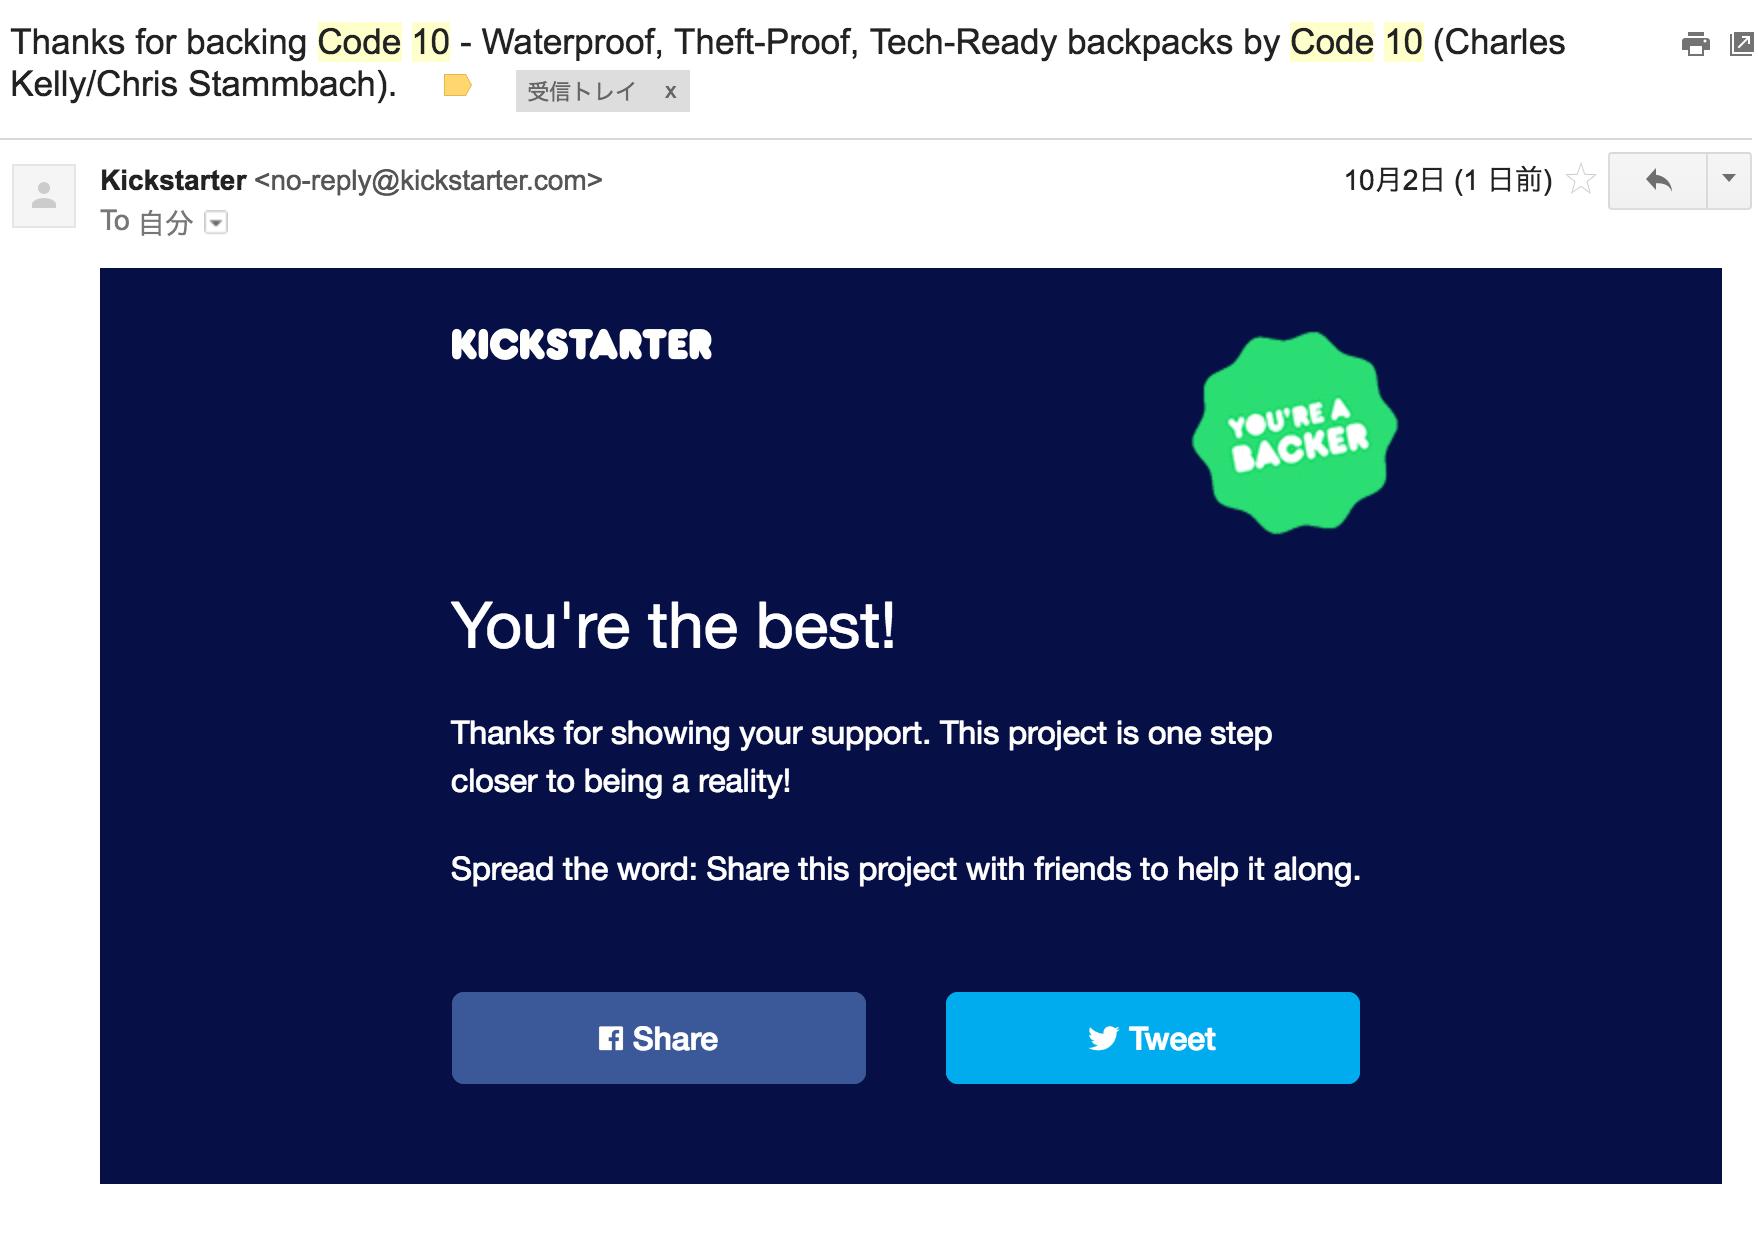 Kickstarterでついにいってもうたで!